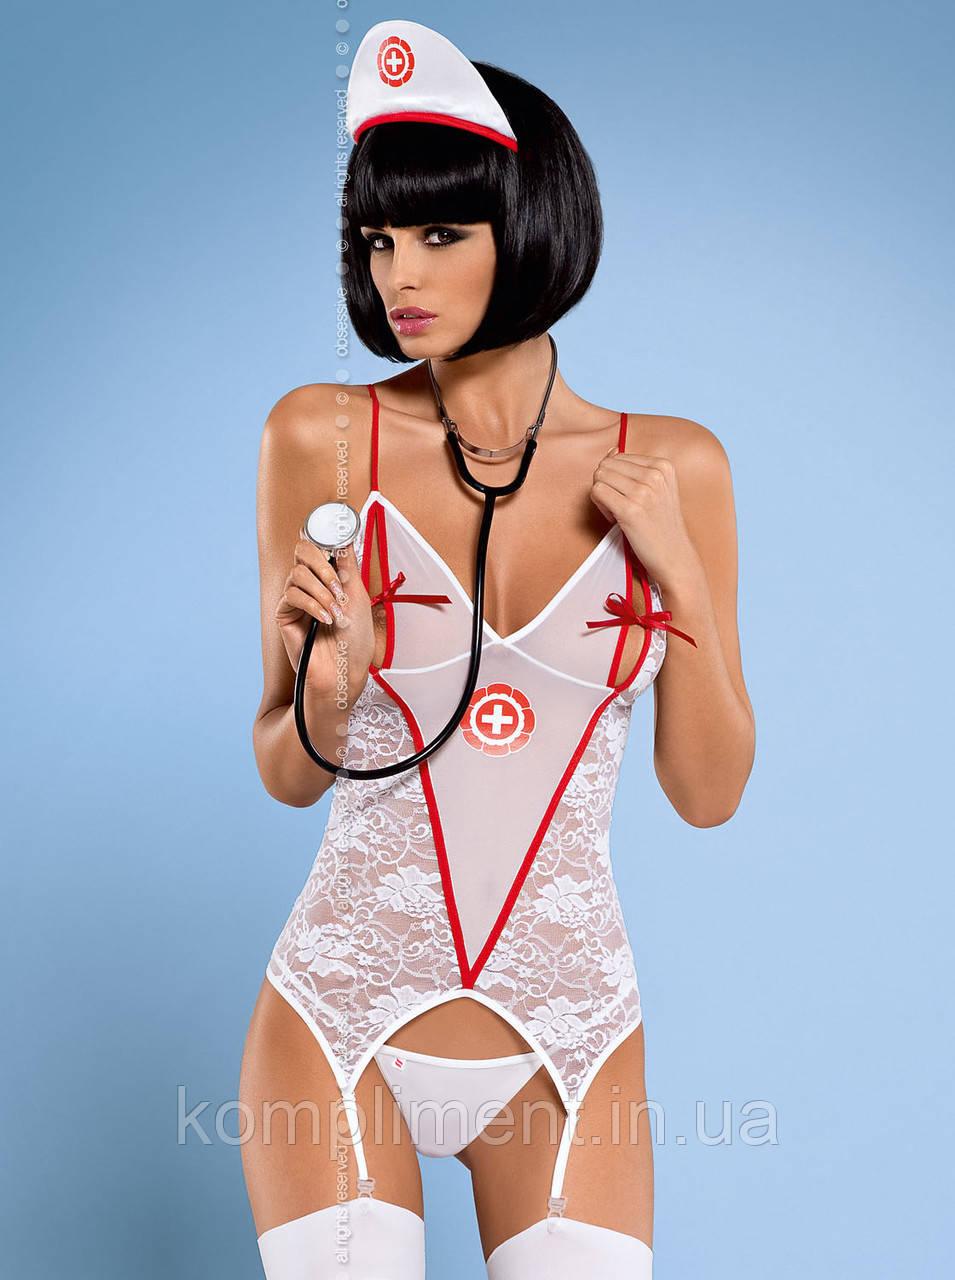 Эротический игровой костюм MEDICA CORSET